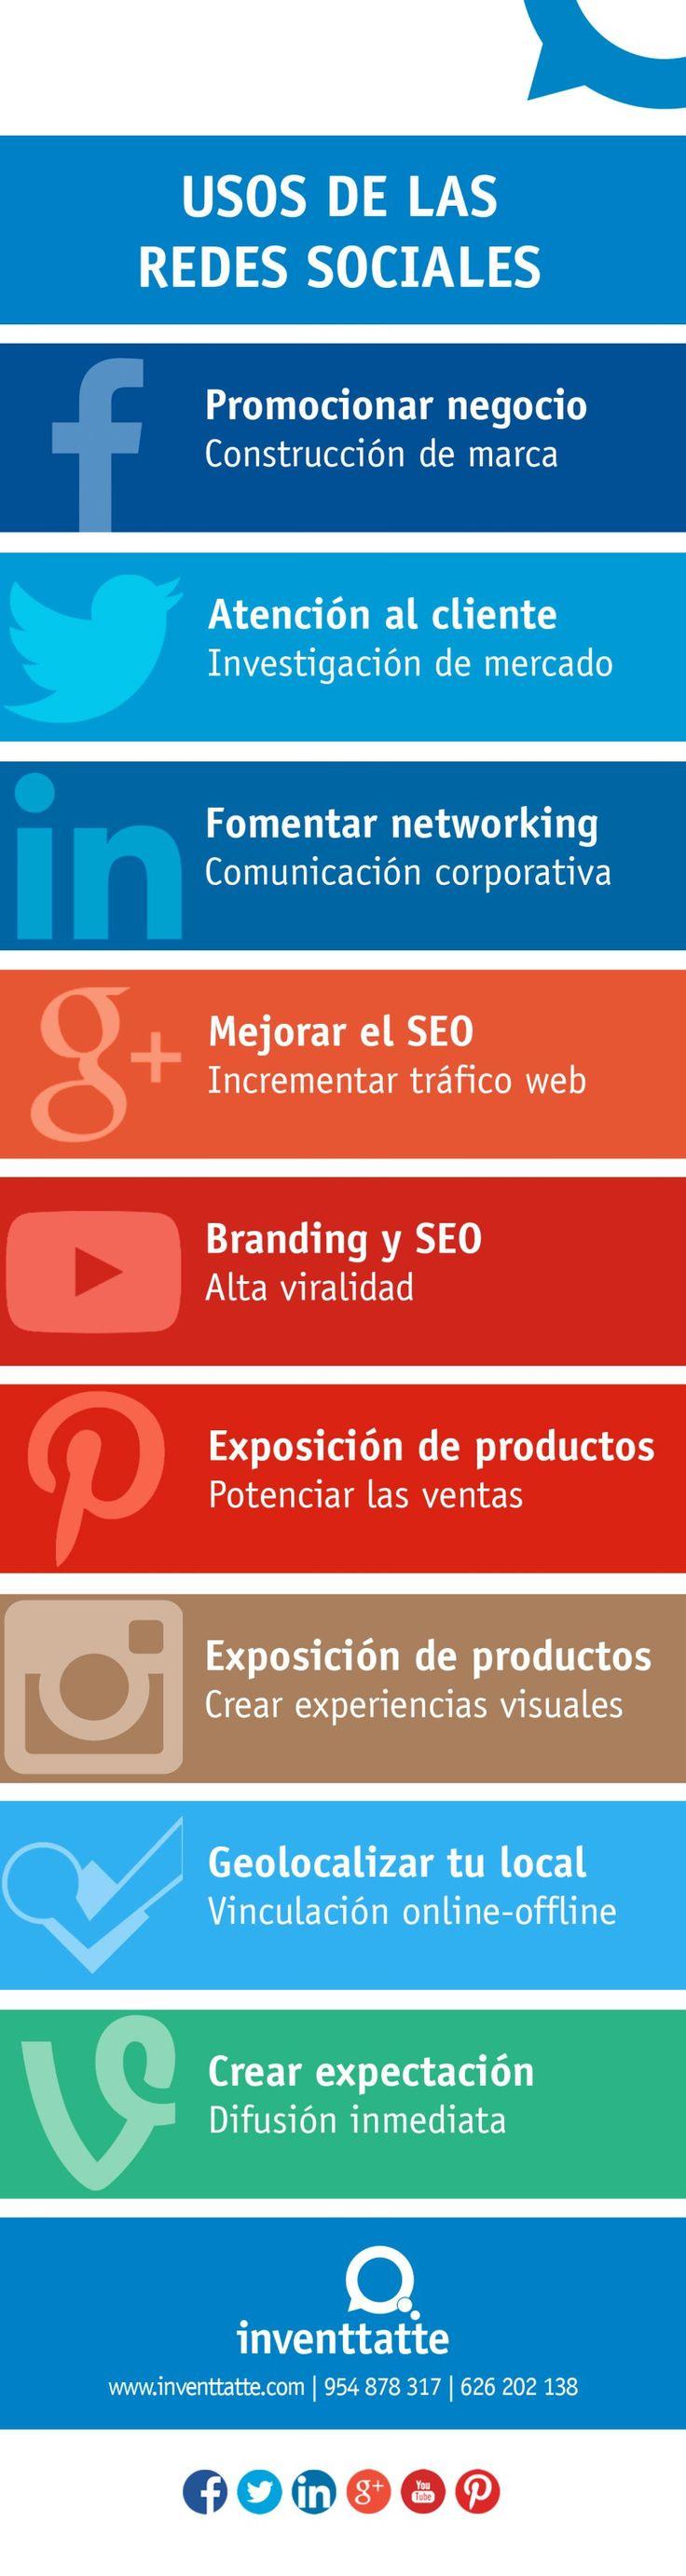 Usos de las #RedesSociales ticsyformacion.co...